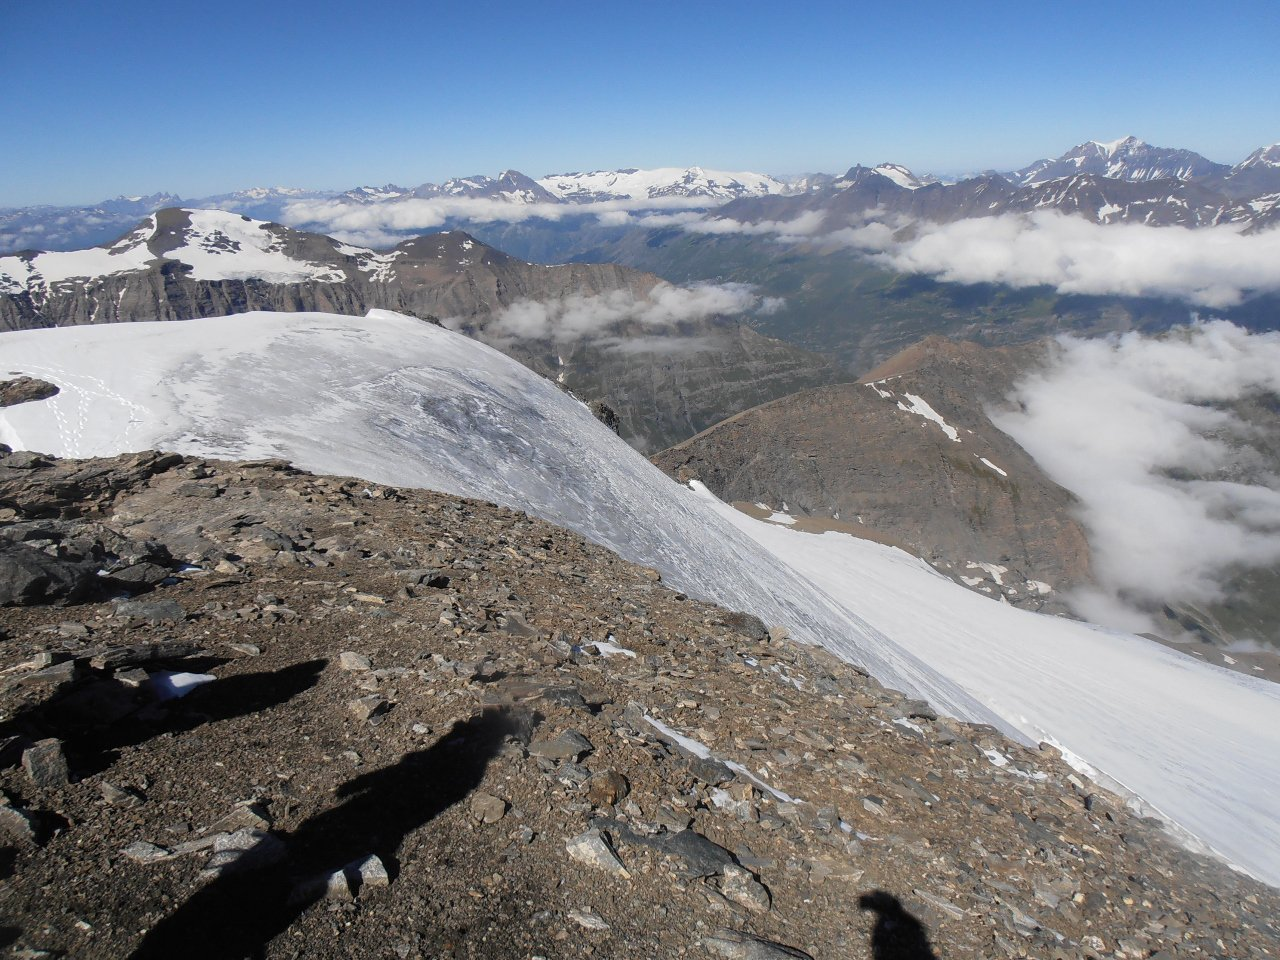 08 - dalla cima, la ripida rampa finale in ghiaccio